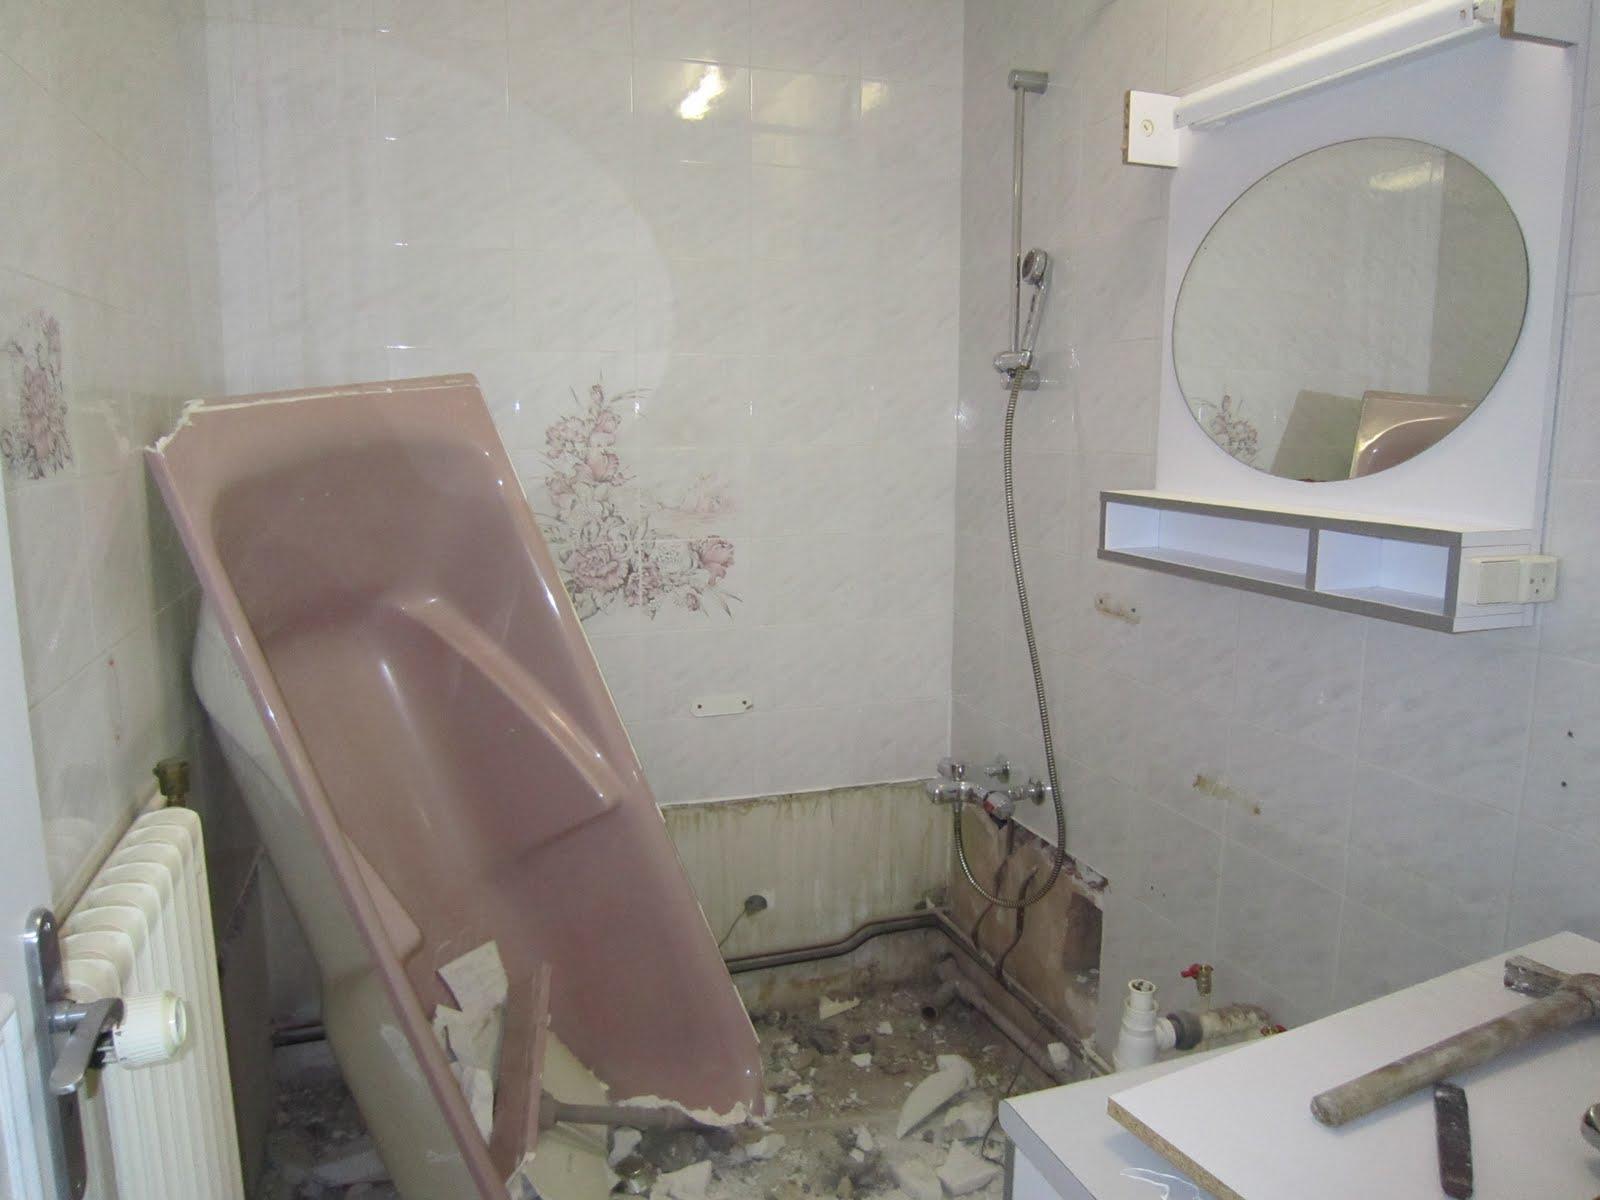 claireobscur: la salle de bain en x étapes - Refaire Mur Salle De Bain